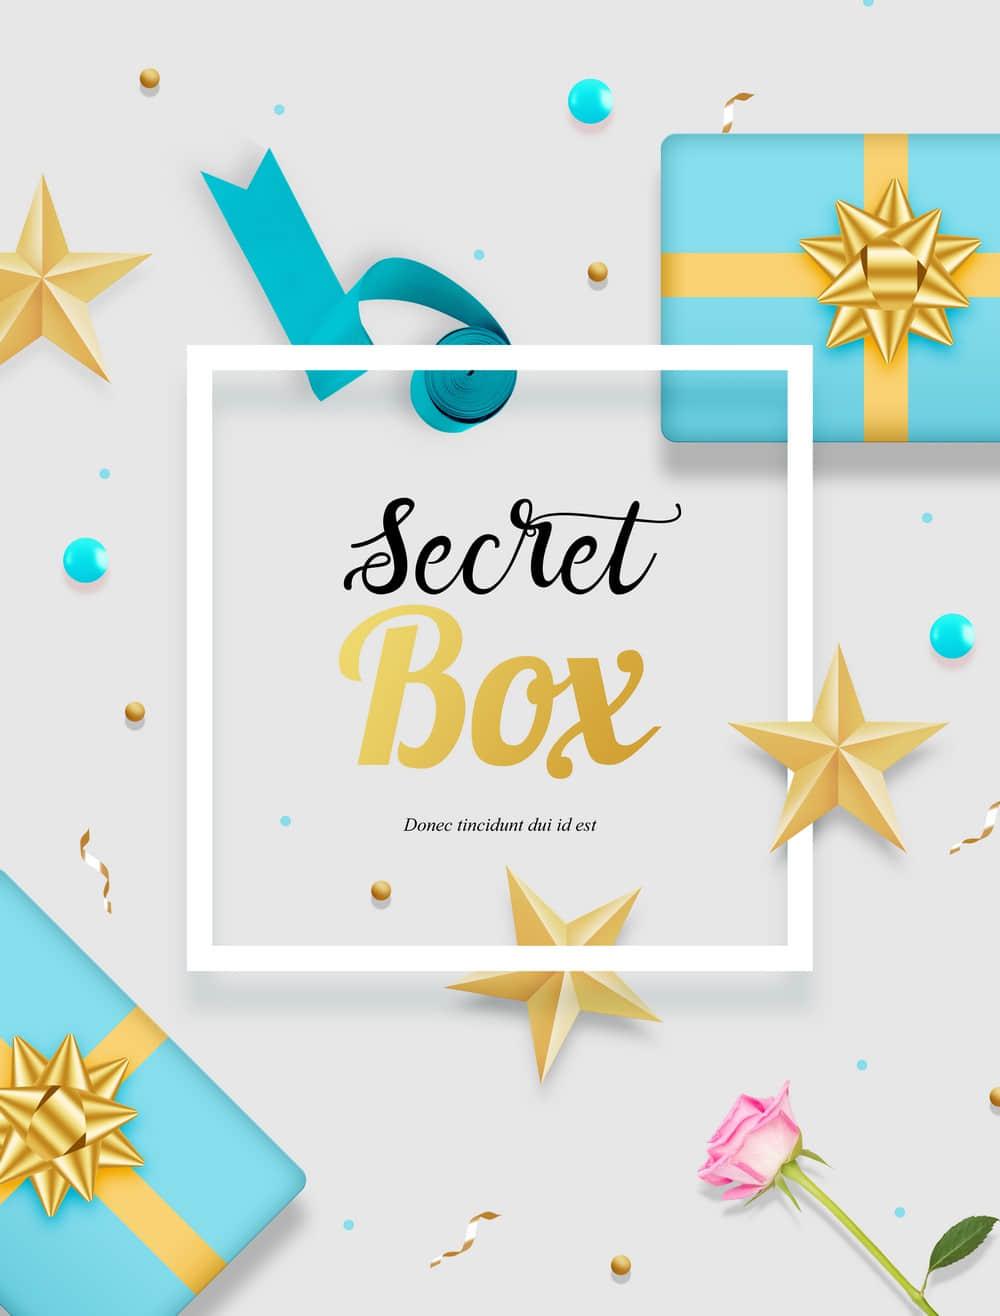 节假日促销礼物盒送礼奖品海报促销惊喜礼物